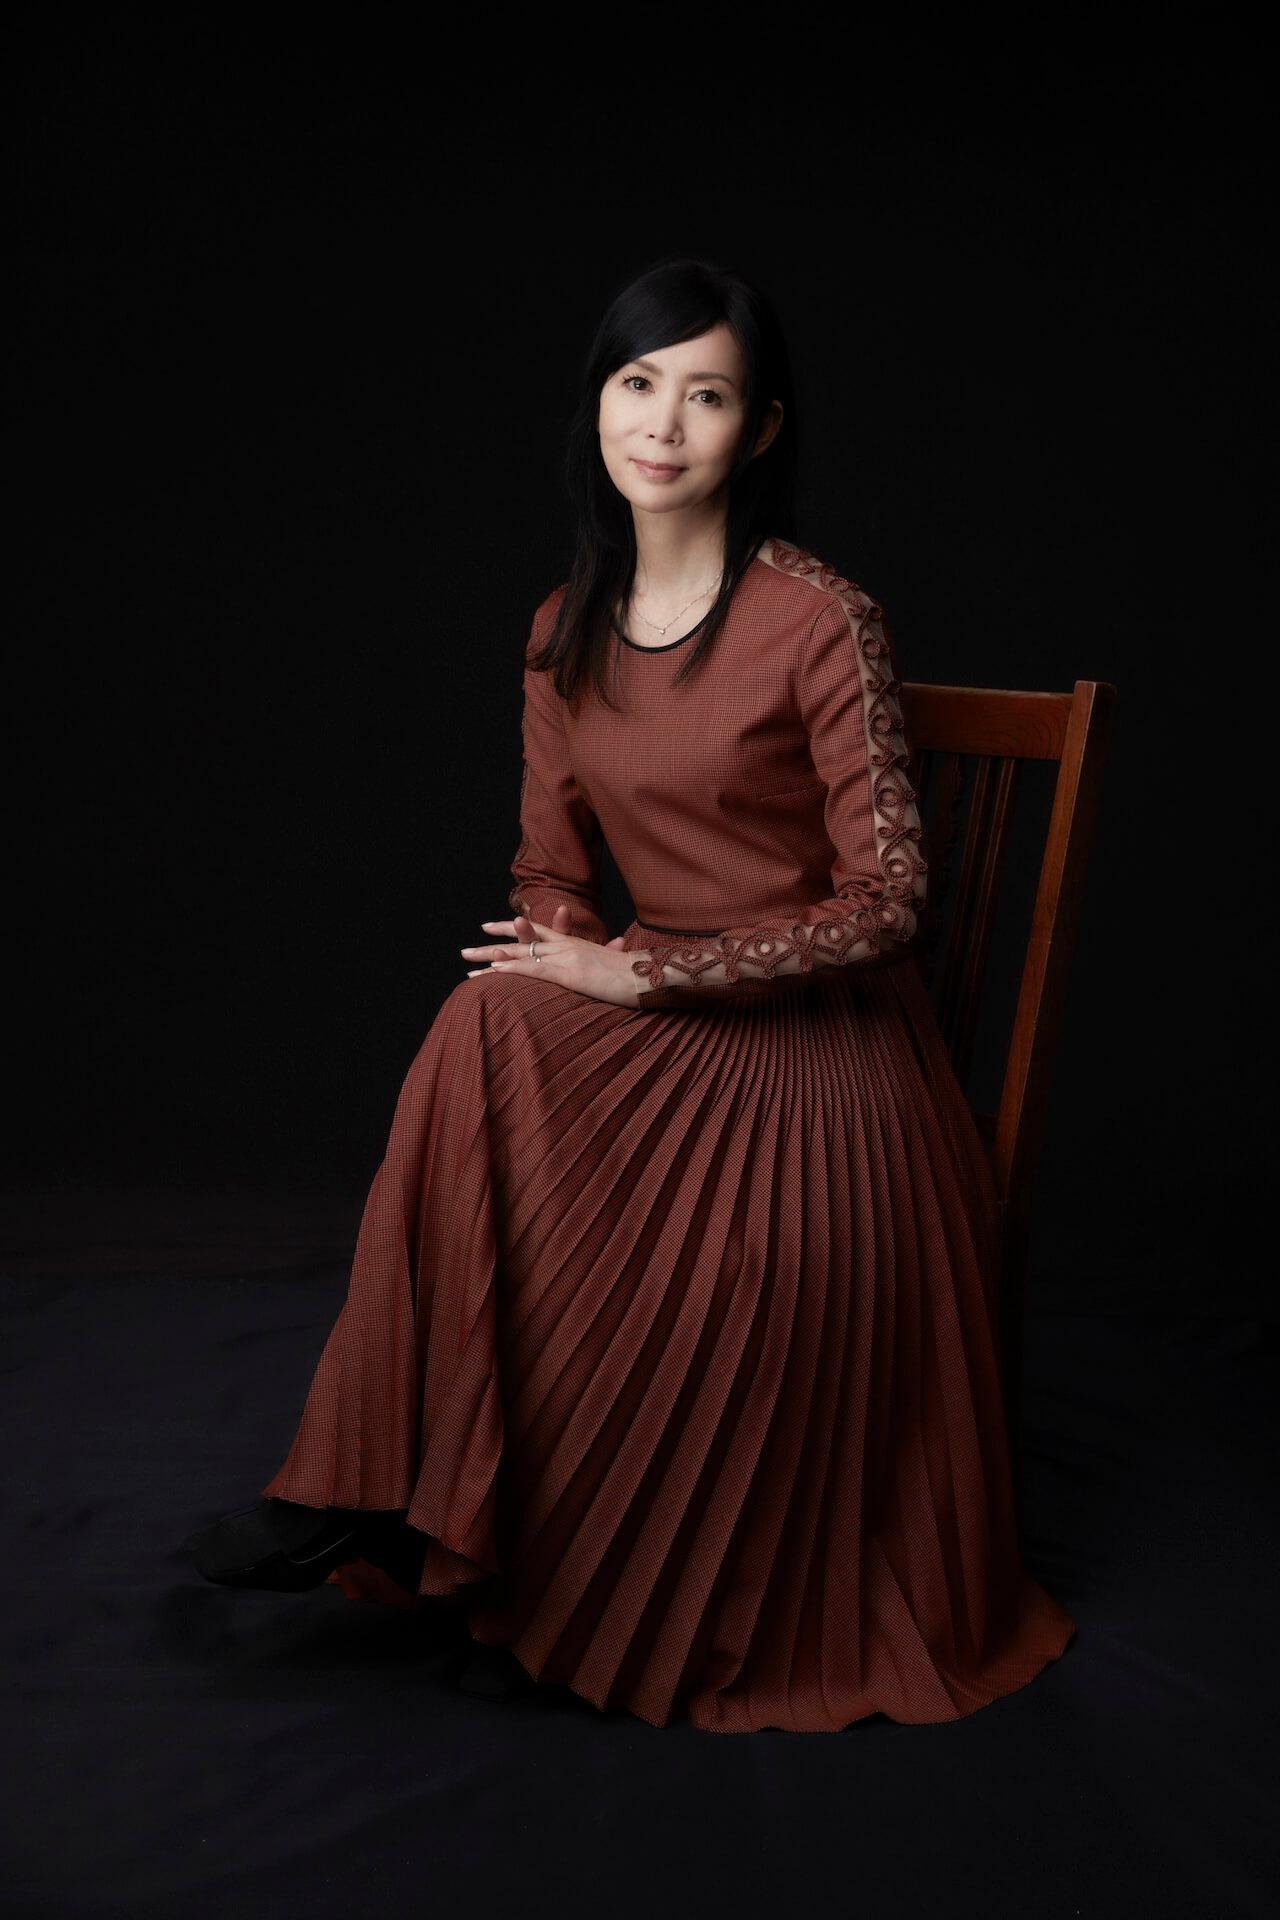 竹内まりや、昭和・平成・令和、3時代での1位獲得 女性アーティスト初の快挙で、「⼥性最年⻑1位獲得アーティスト」に music190917-mariya40th-1